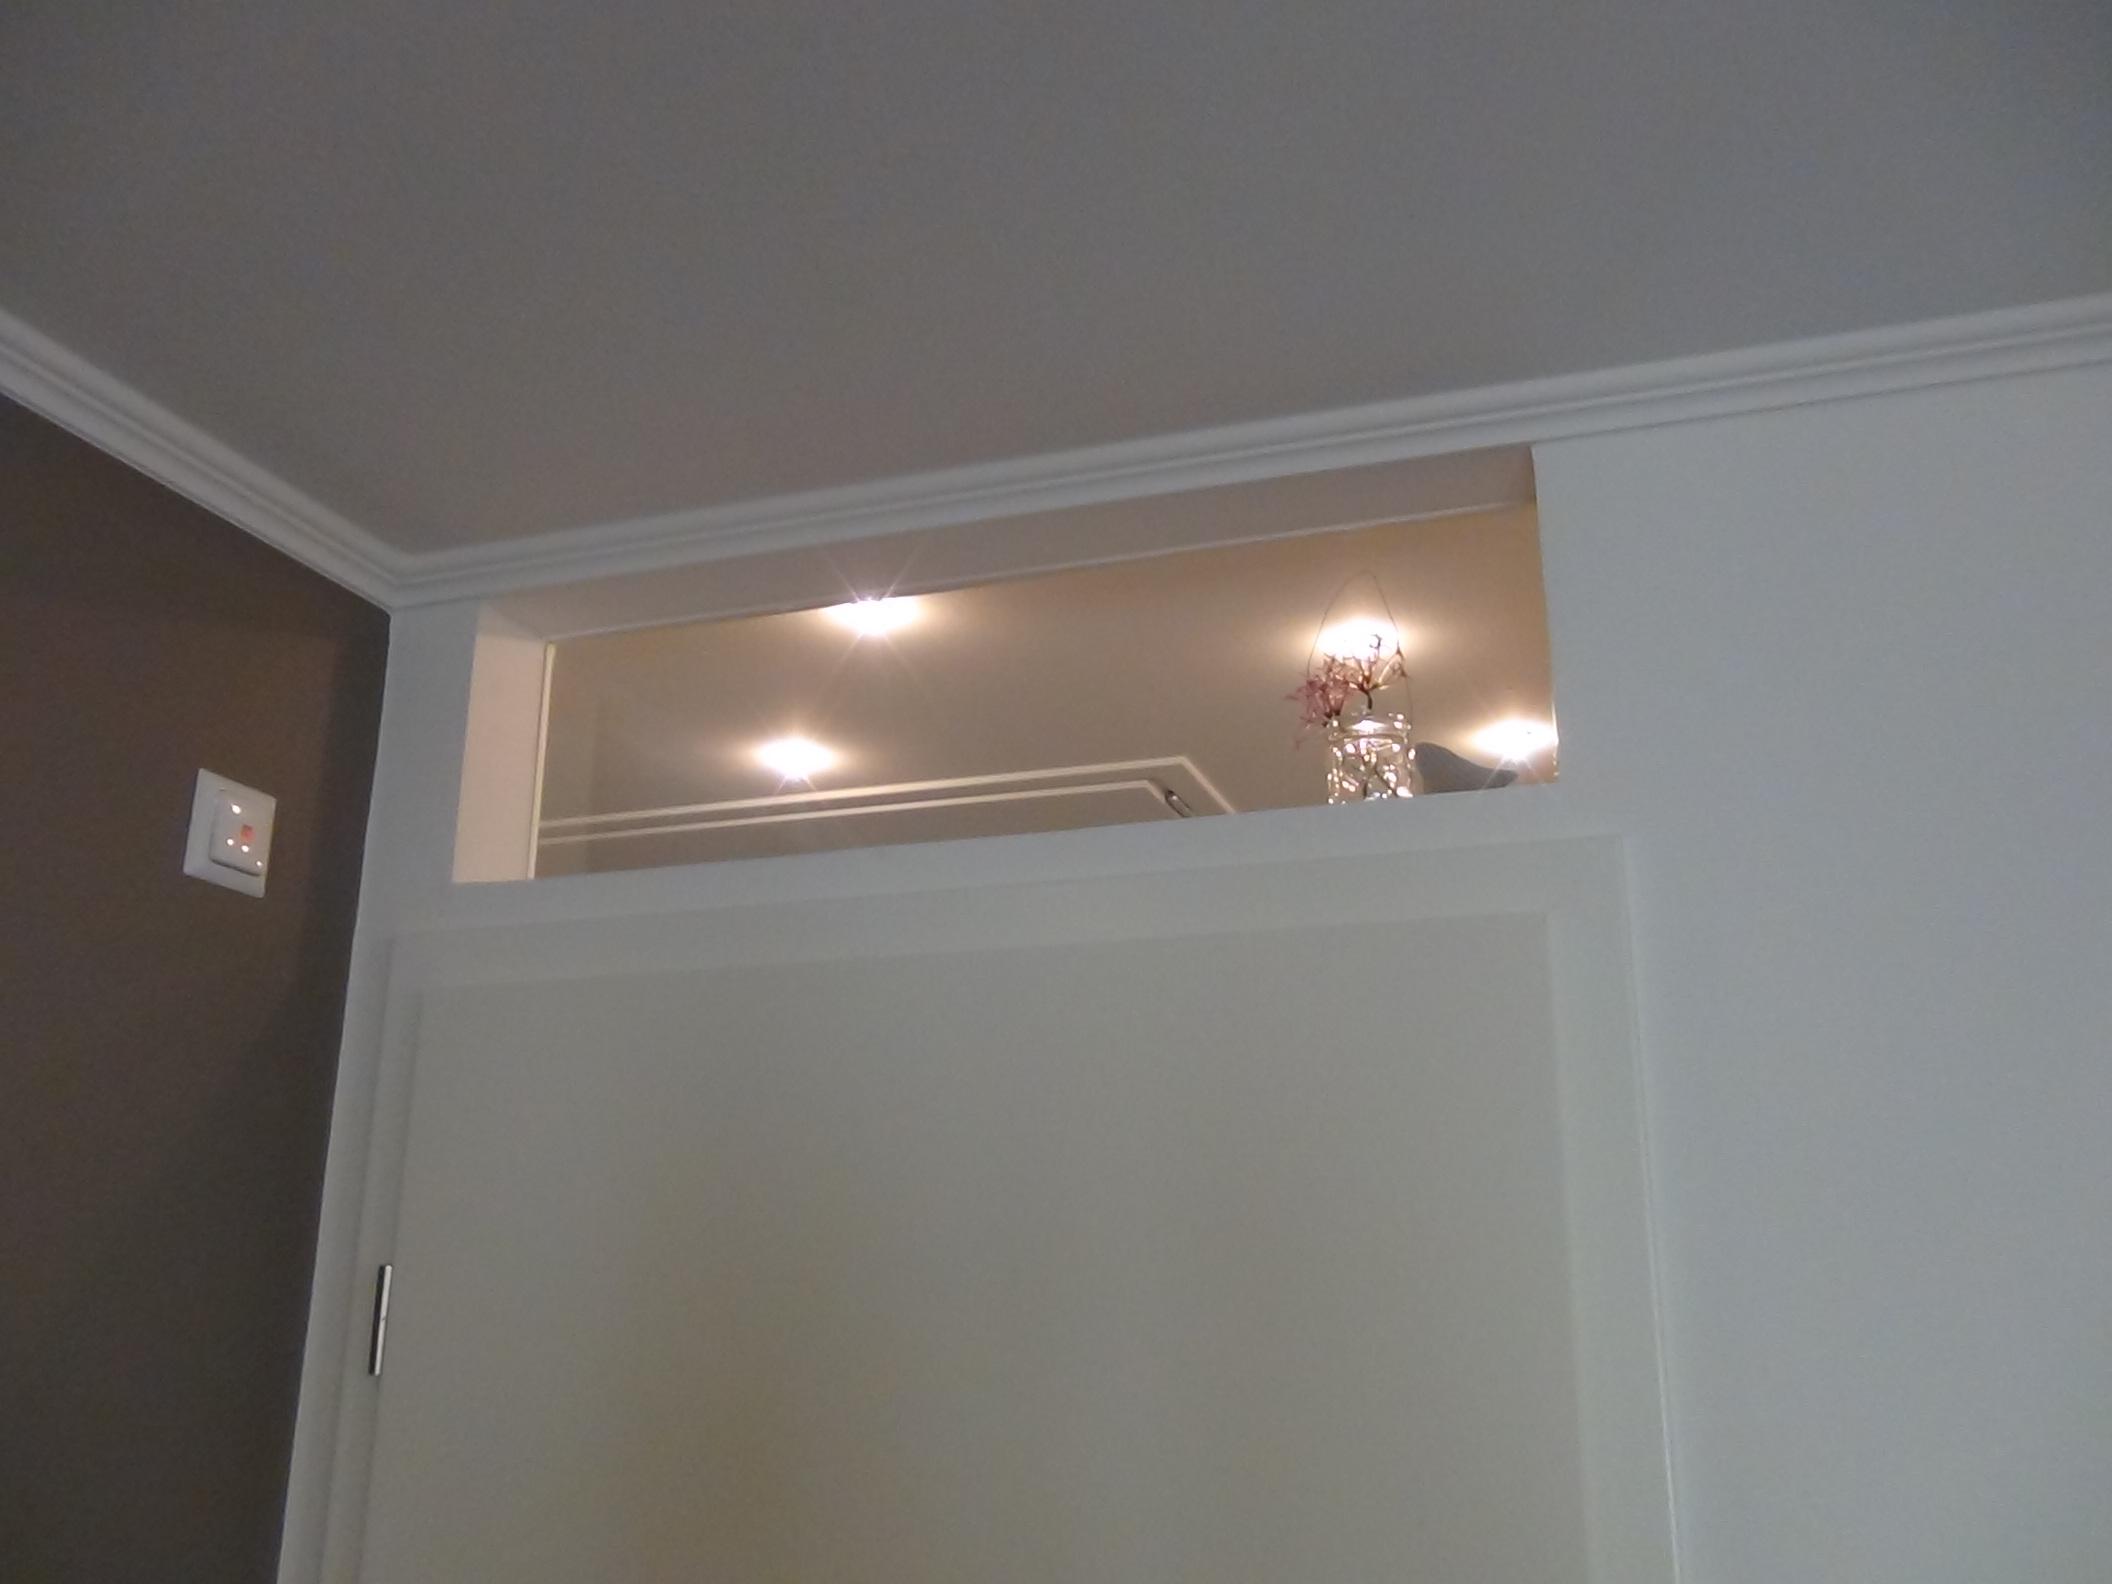 Glas ins oberlicht einbauen - Oberlicht in wand einbauen ...